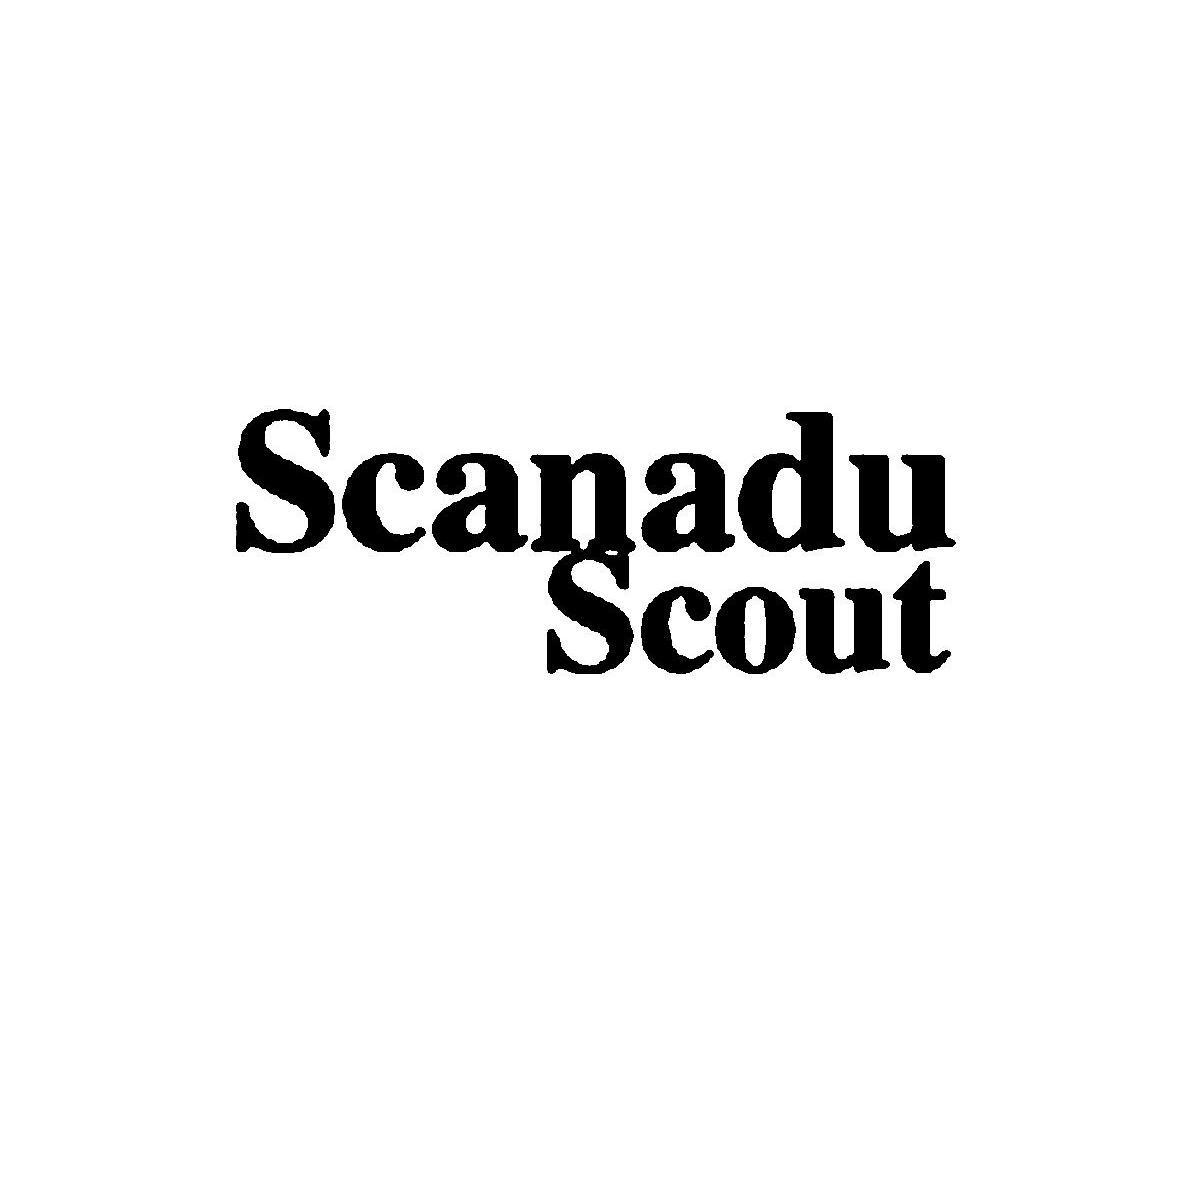 SCANADUSCOUT